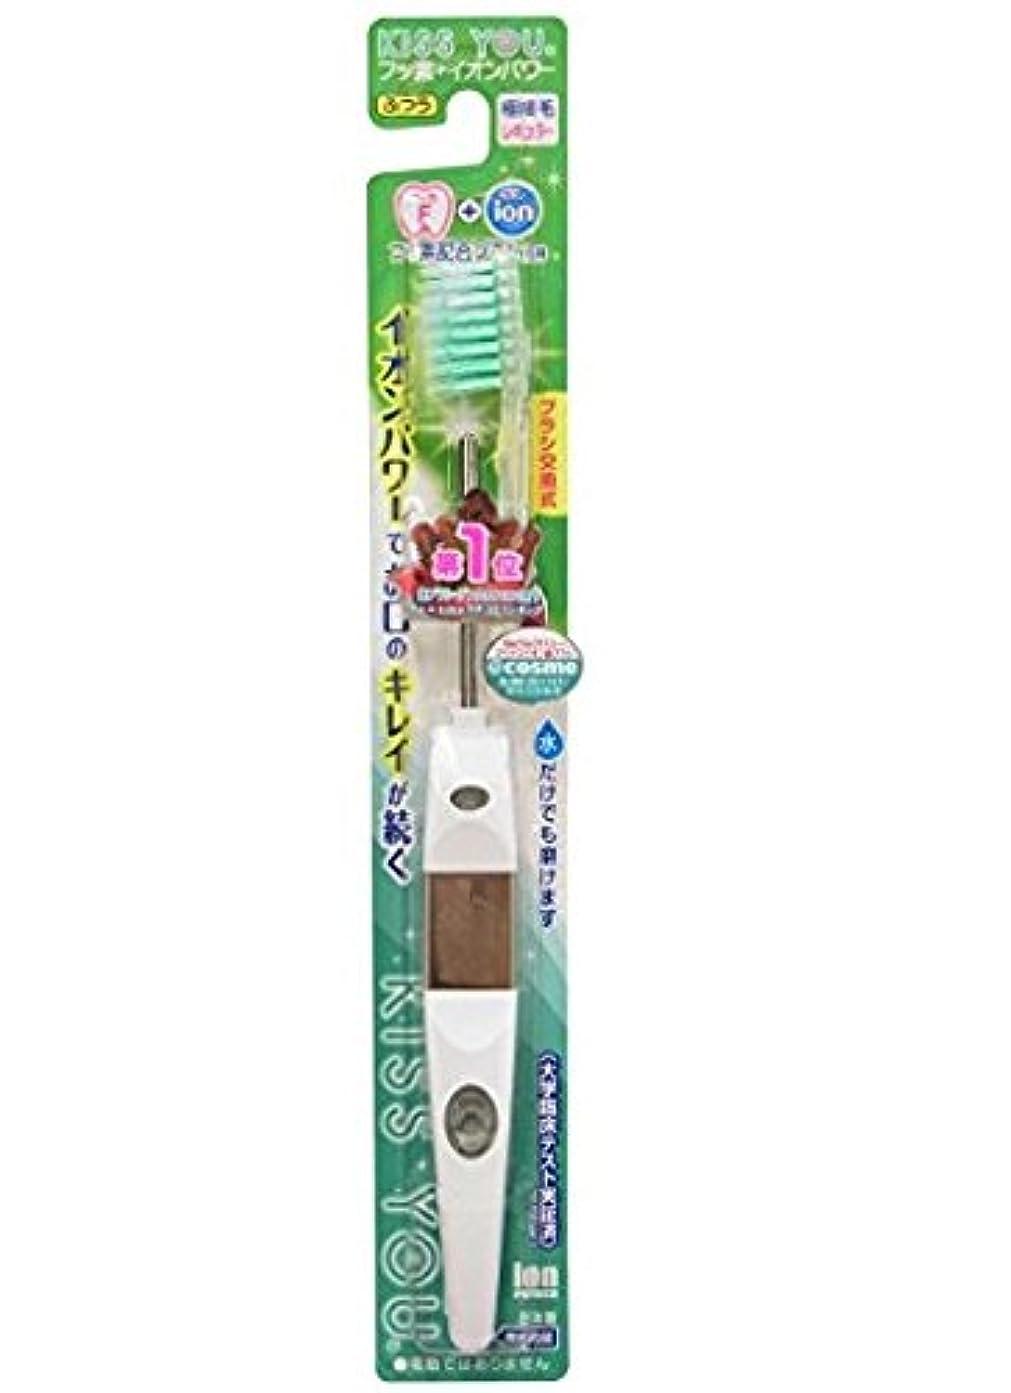 一晩それに応じて聴衆フッ素イオン歯ブラシ極細レギュラー本体ふつう × 5個セット